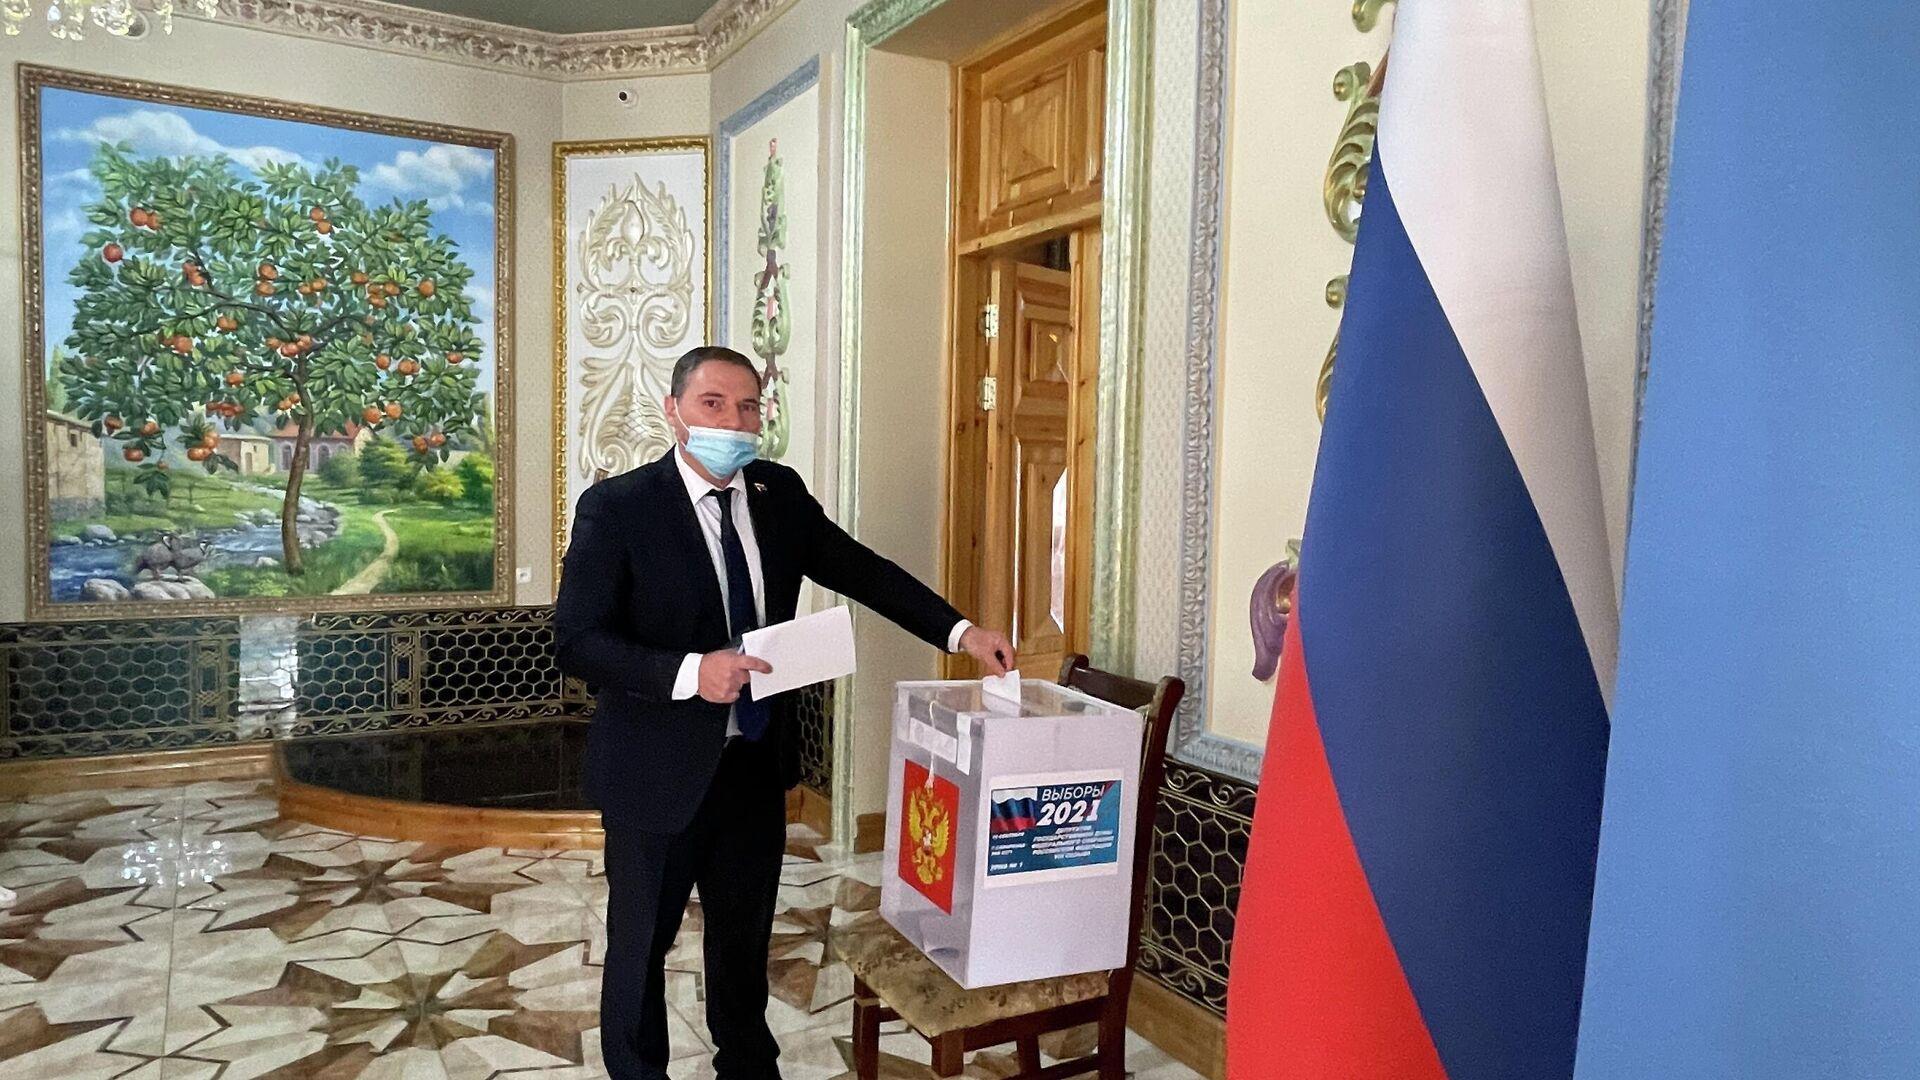 Голосование на выборах в Государственную Думу РФ в Самарканде - Sputnik Узбекистан, 1920, 19.09.2021